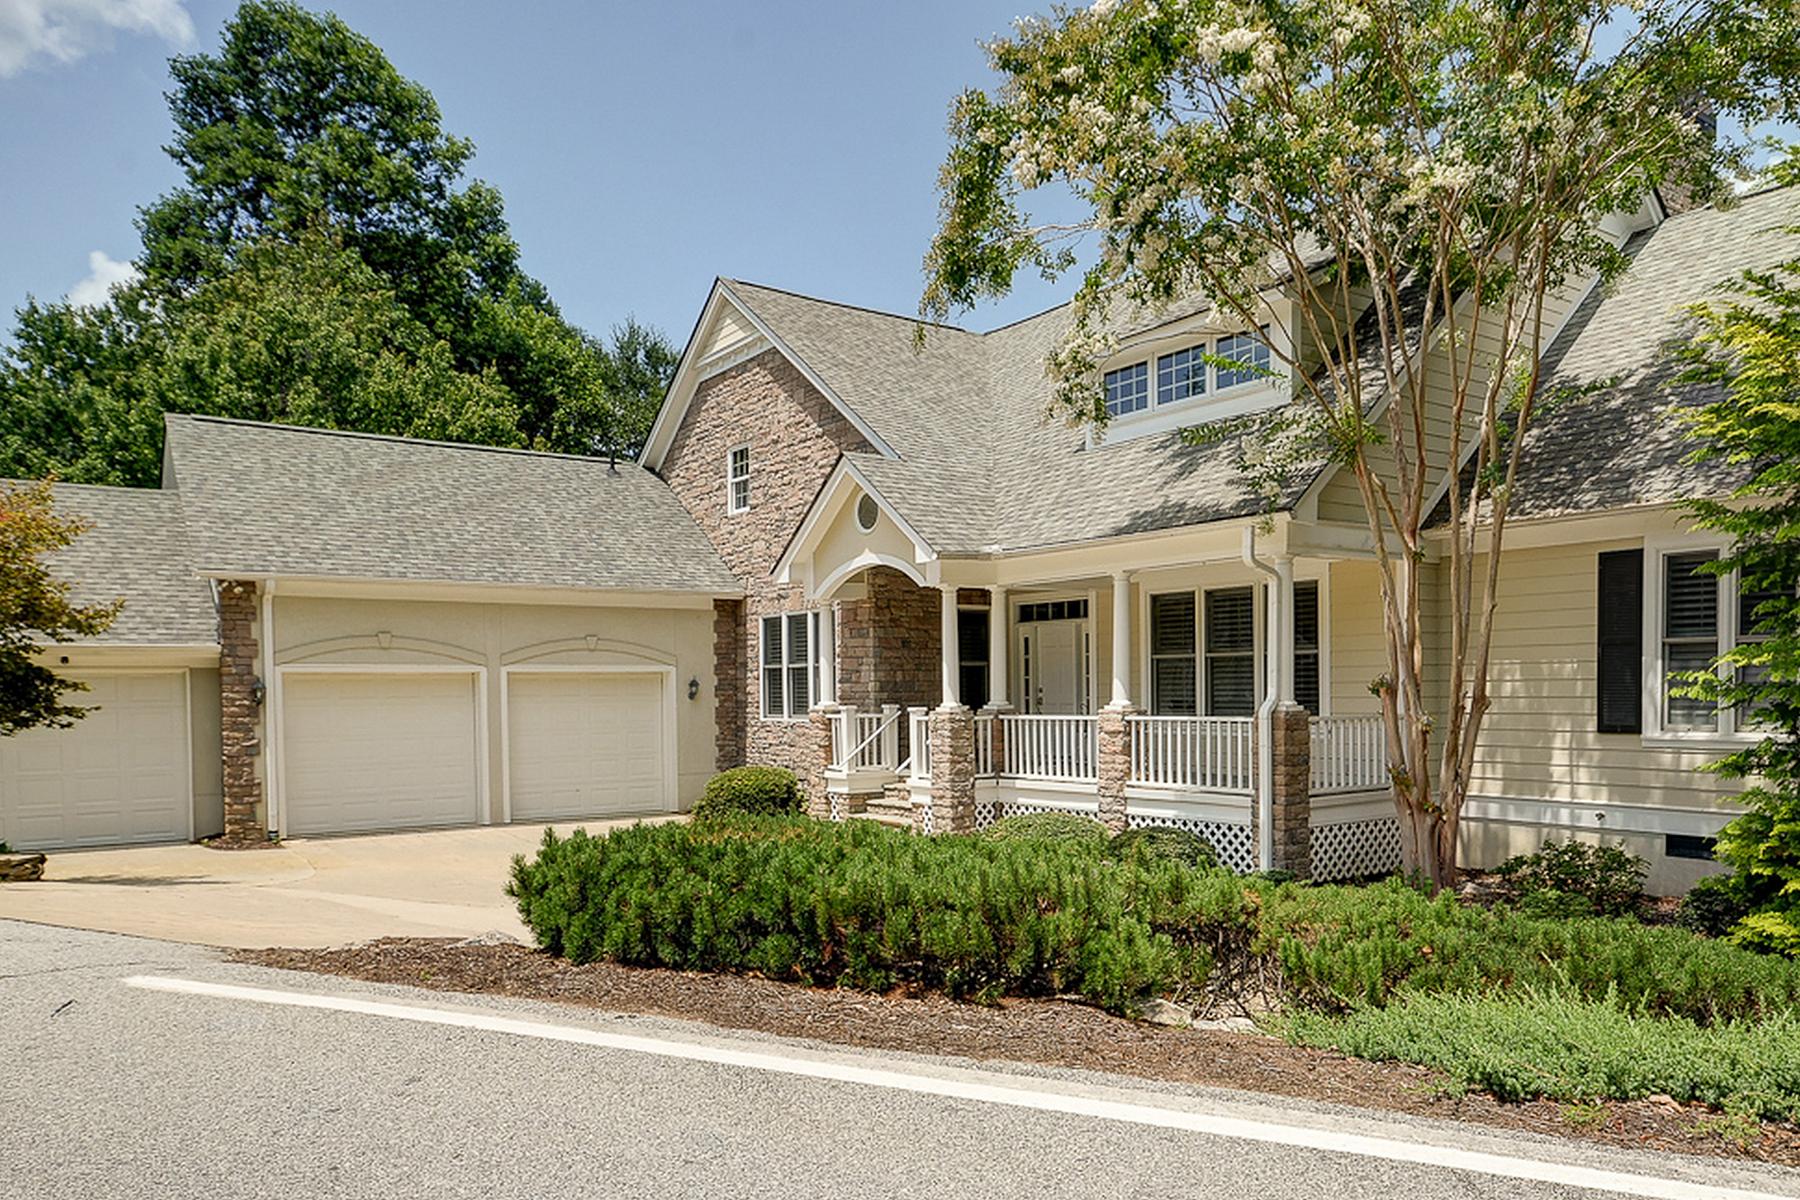 Tek Ailelik Ev için Satış at THE CLIFFS AT GLASSY 3 Soft Breeze Ct Landrum, South Carolina (Güney Carolina), 29356 Amerika Birleşik Devletleri